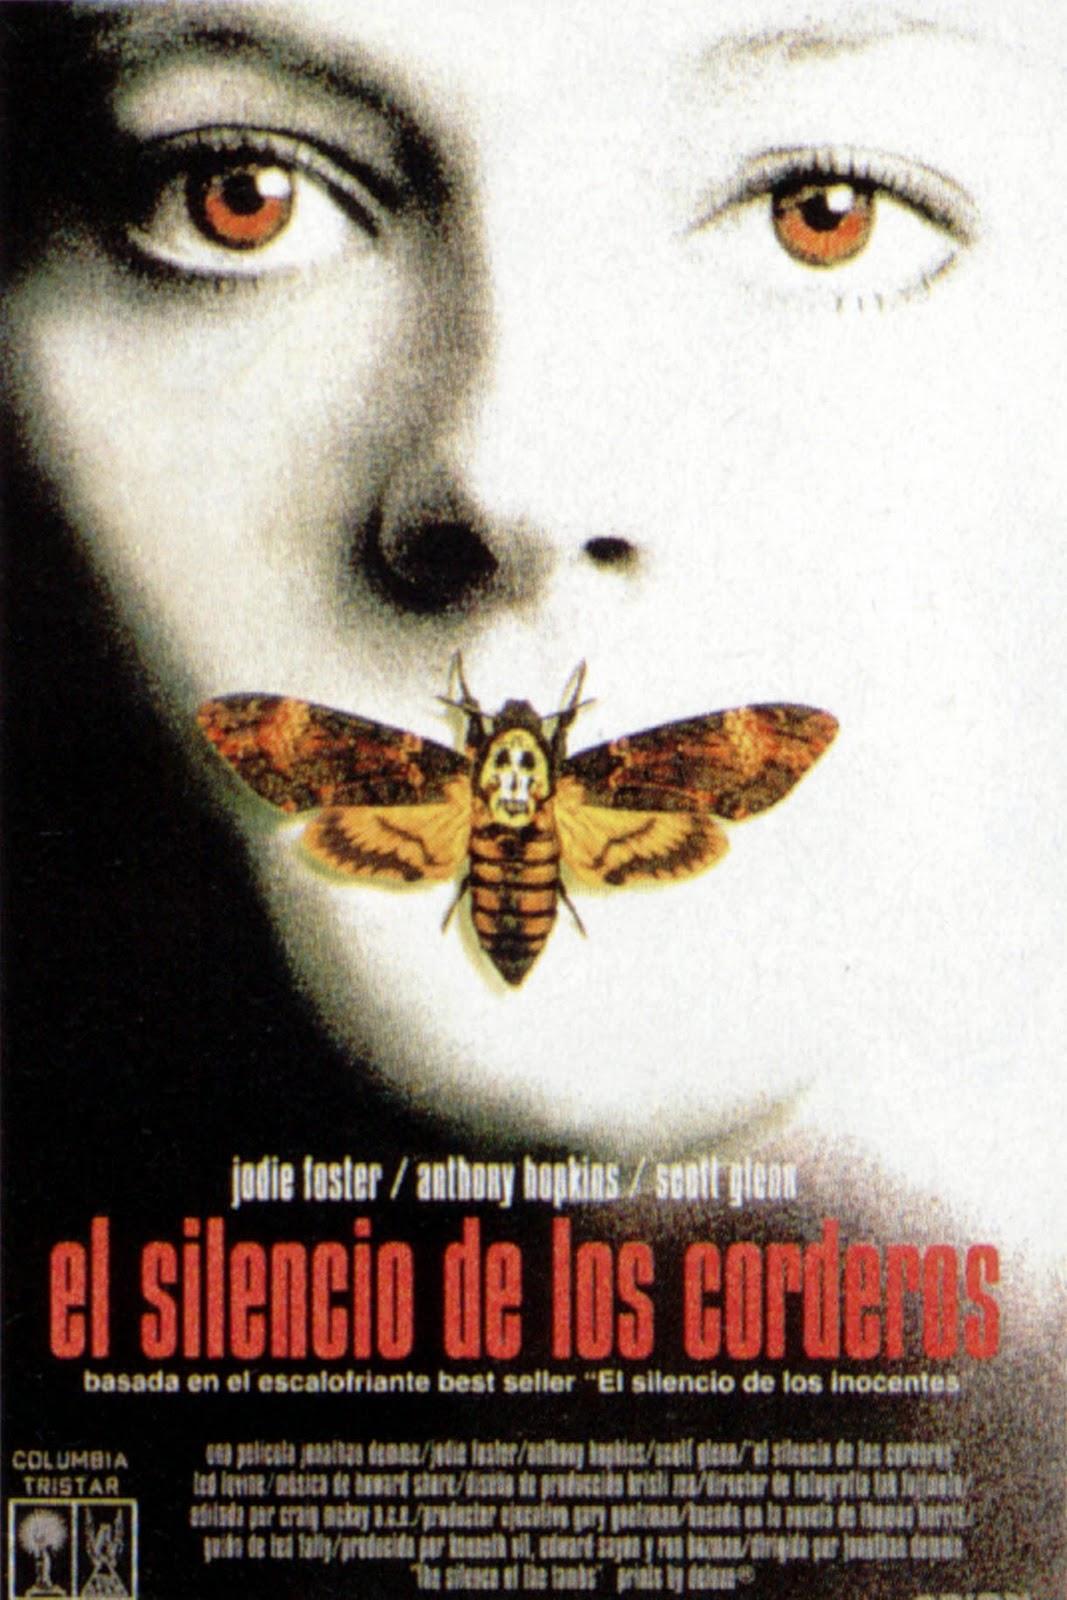 https://i1.wp.com/1.bp.blogspot.com/-5GFeYDUB1dQ/T4g4qXGBgII/AAAAAAAAEL0/ZQHfN5a-VJI/s1600/el_silencio_de_los_corderos_.jpg?resize=646%2C968